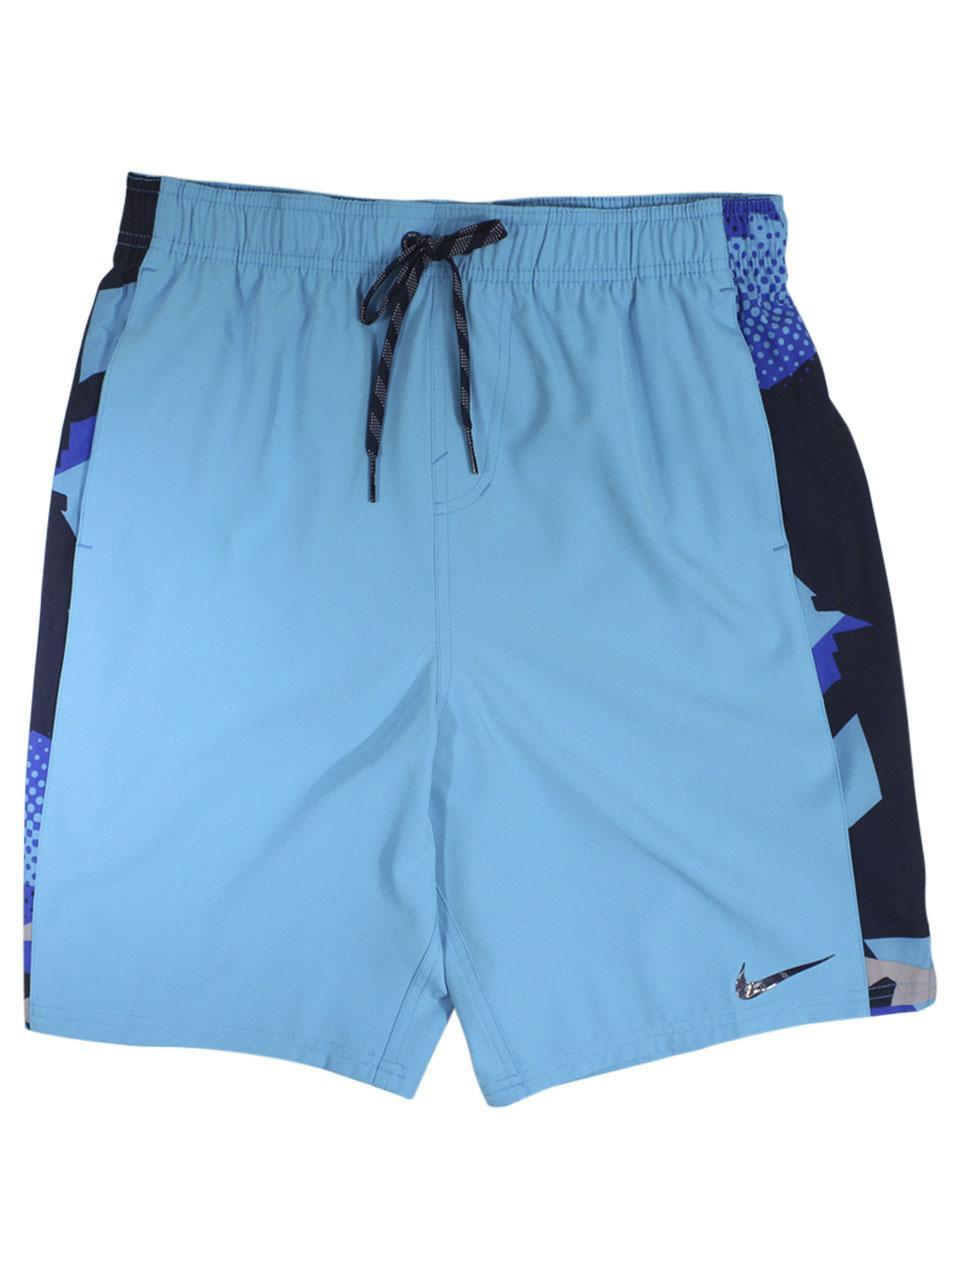 33d5376bee Nike Men's Drift Graffiti Racer 9-Inch Trunks Swimwear